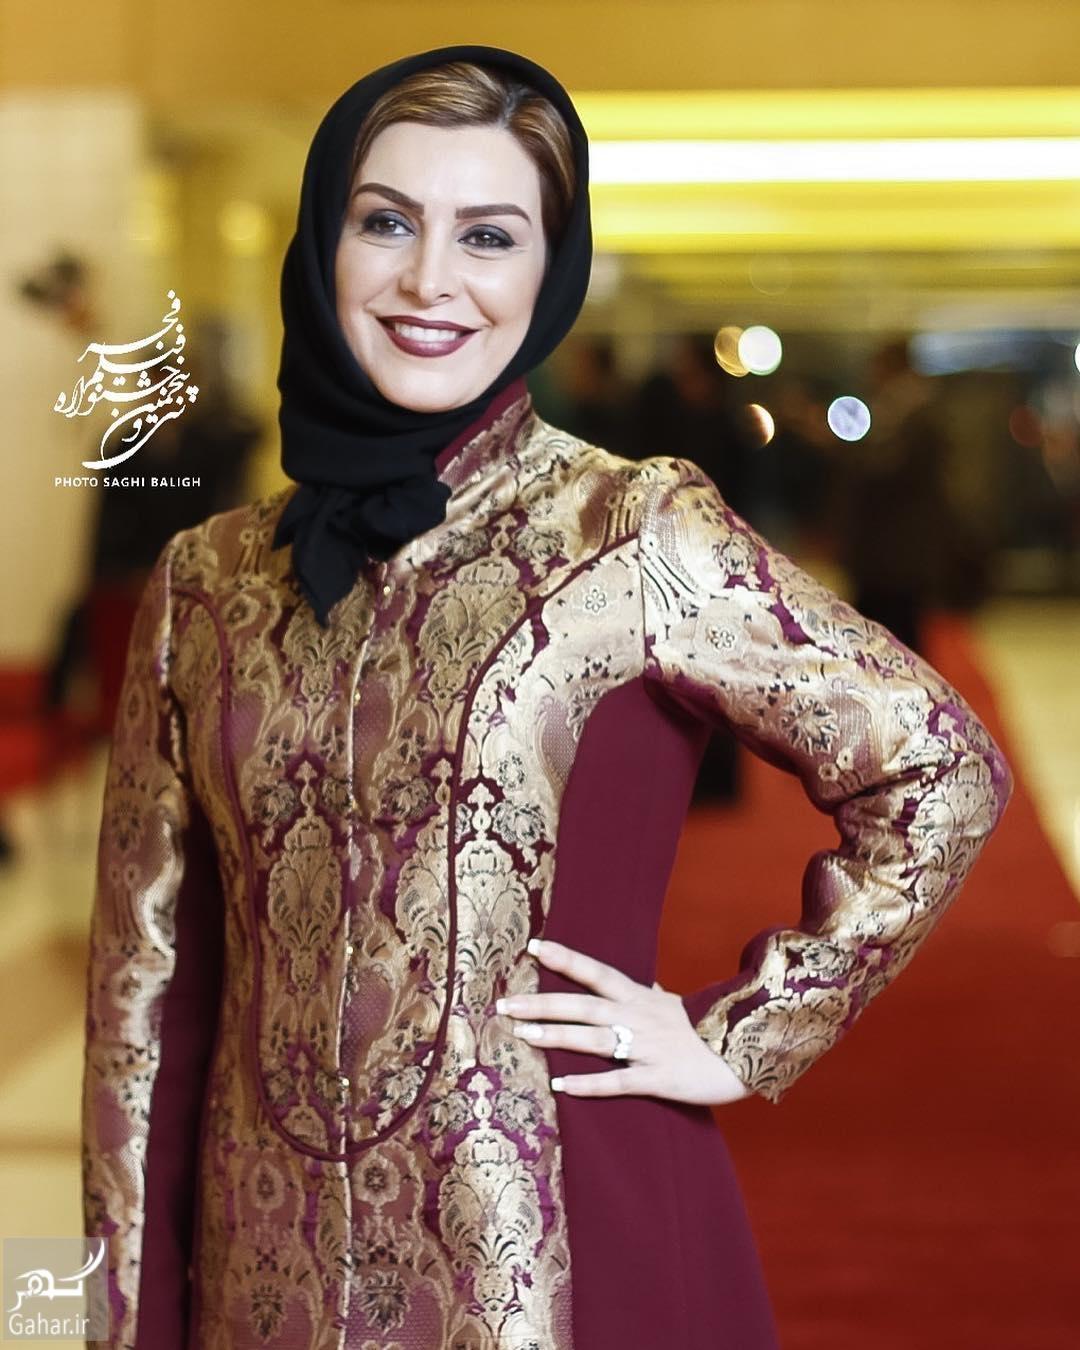 1485757893 عکس های هنرمندان در افتتاحیه جشنواره فیلم فجر 95؛سری دوم